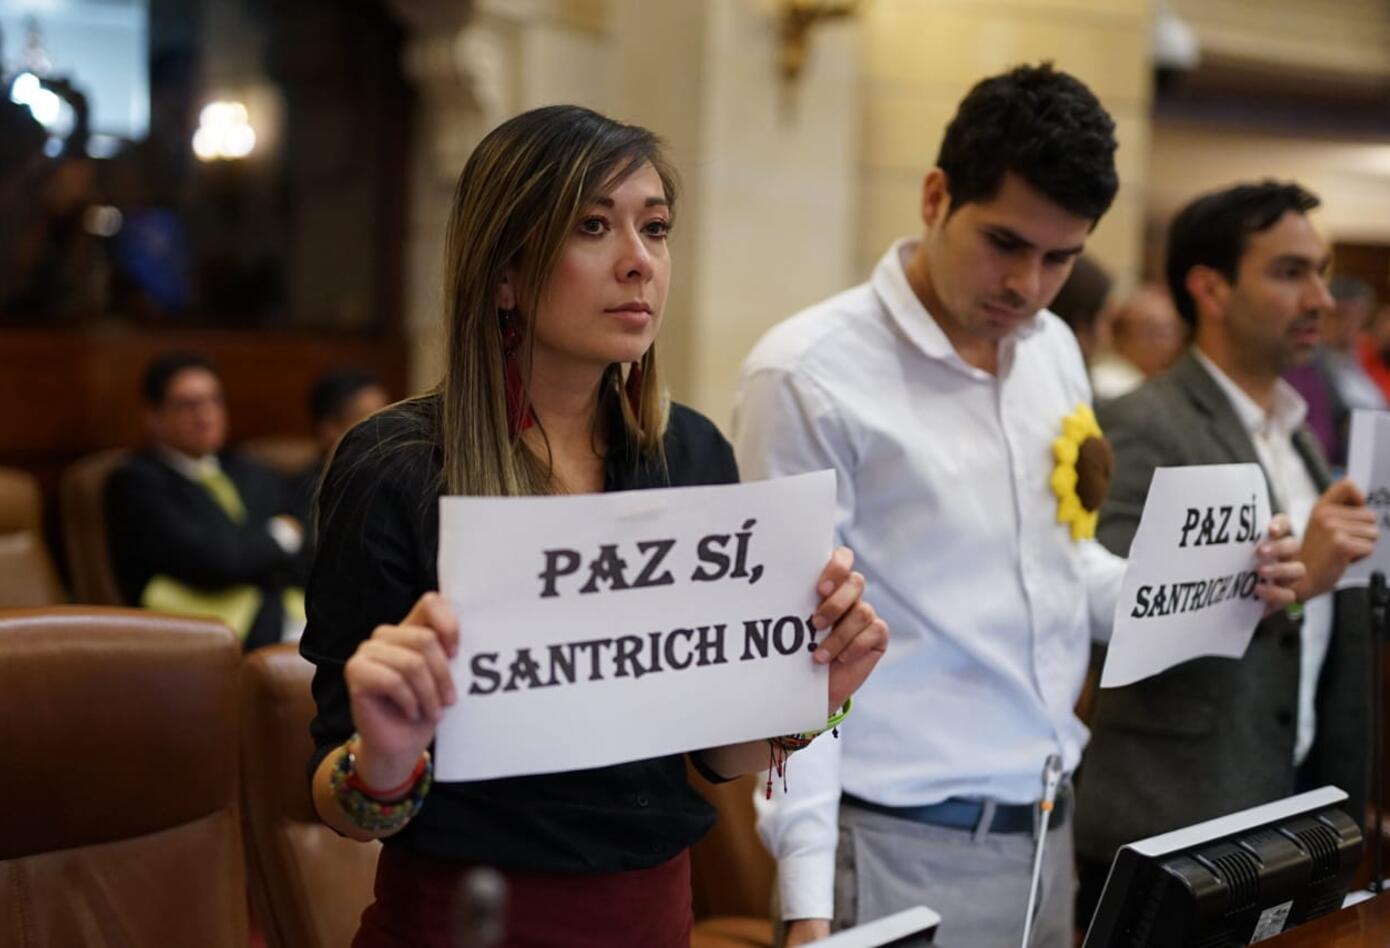 Varios partidos protestaron por la llegada de Jesús Santrich en la Cámara